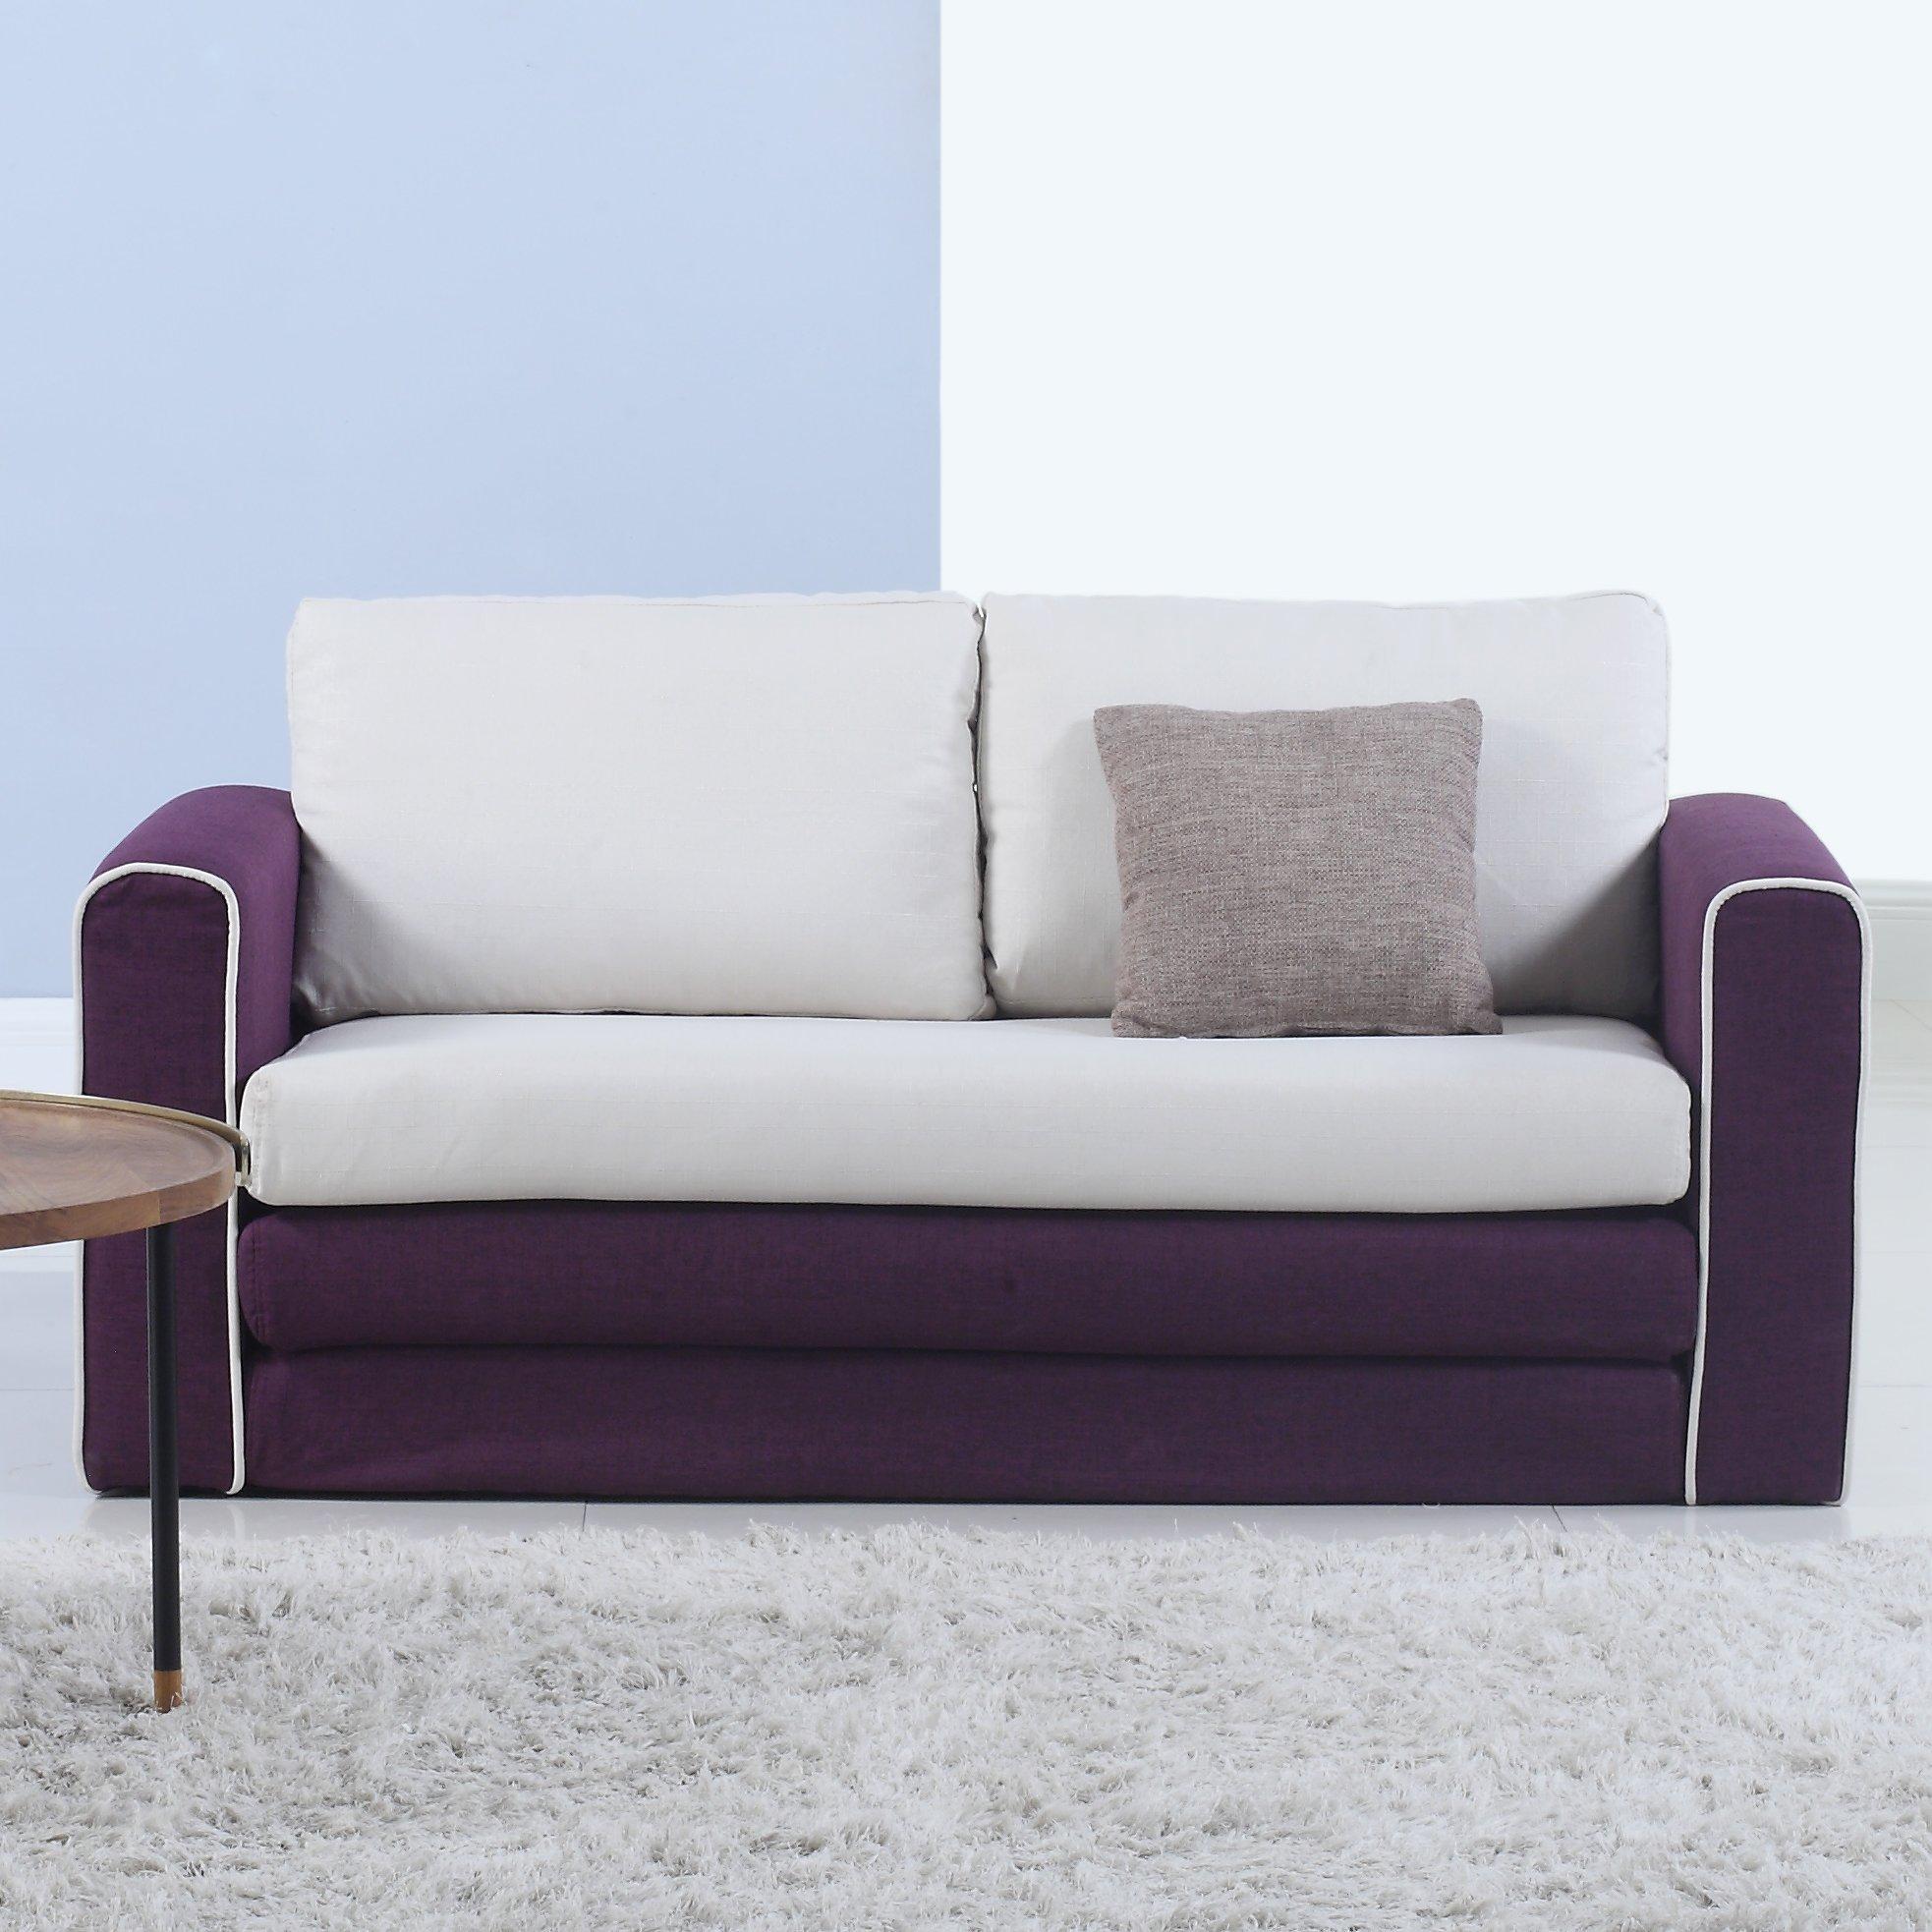 Ava Velvet Sleeper Sofa | Tehranmix Decoration Intended For Ava Tufted Sleeper Sofas (View 12 of 20)